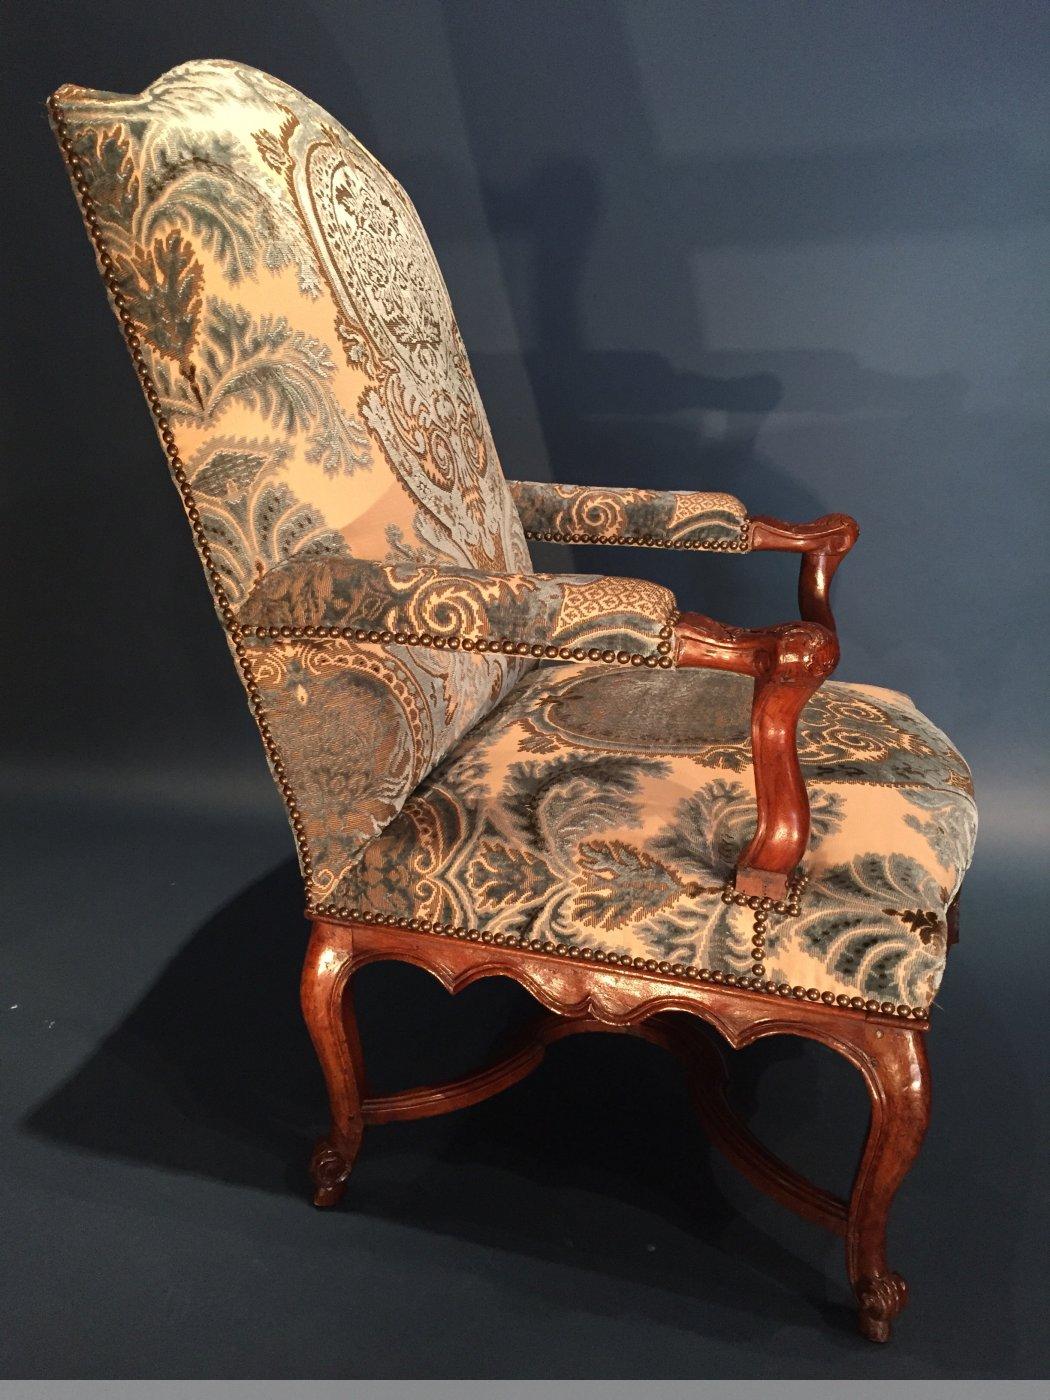 paire de larges fauteuils de chemin e en noyer provence vers 1720 xviiie si cle. Black Bedroom Furniture Sets. Home Design Ideas